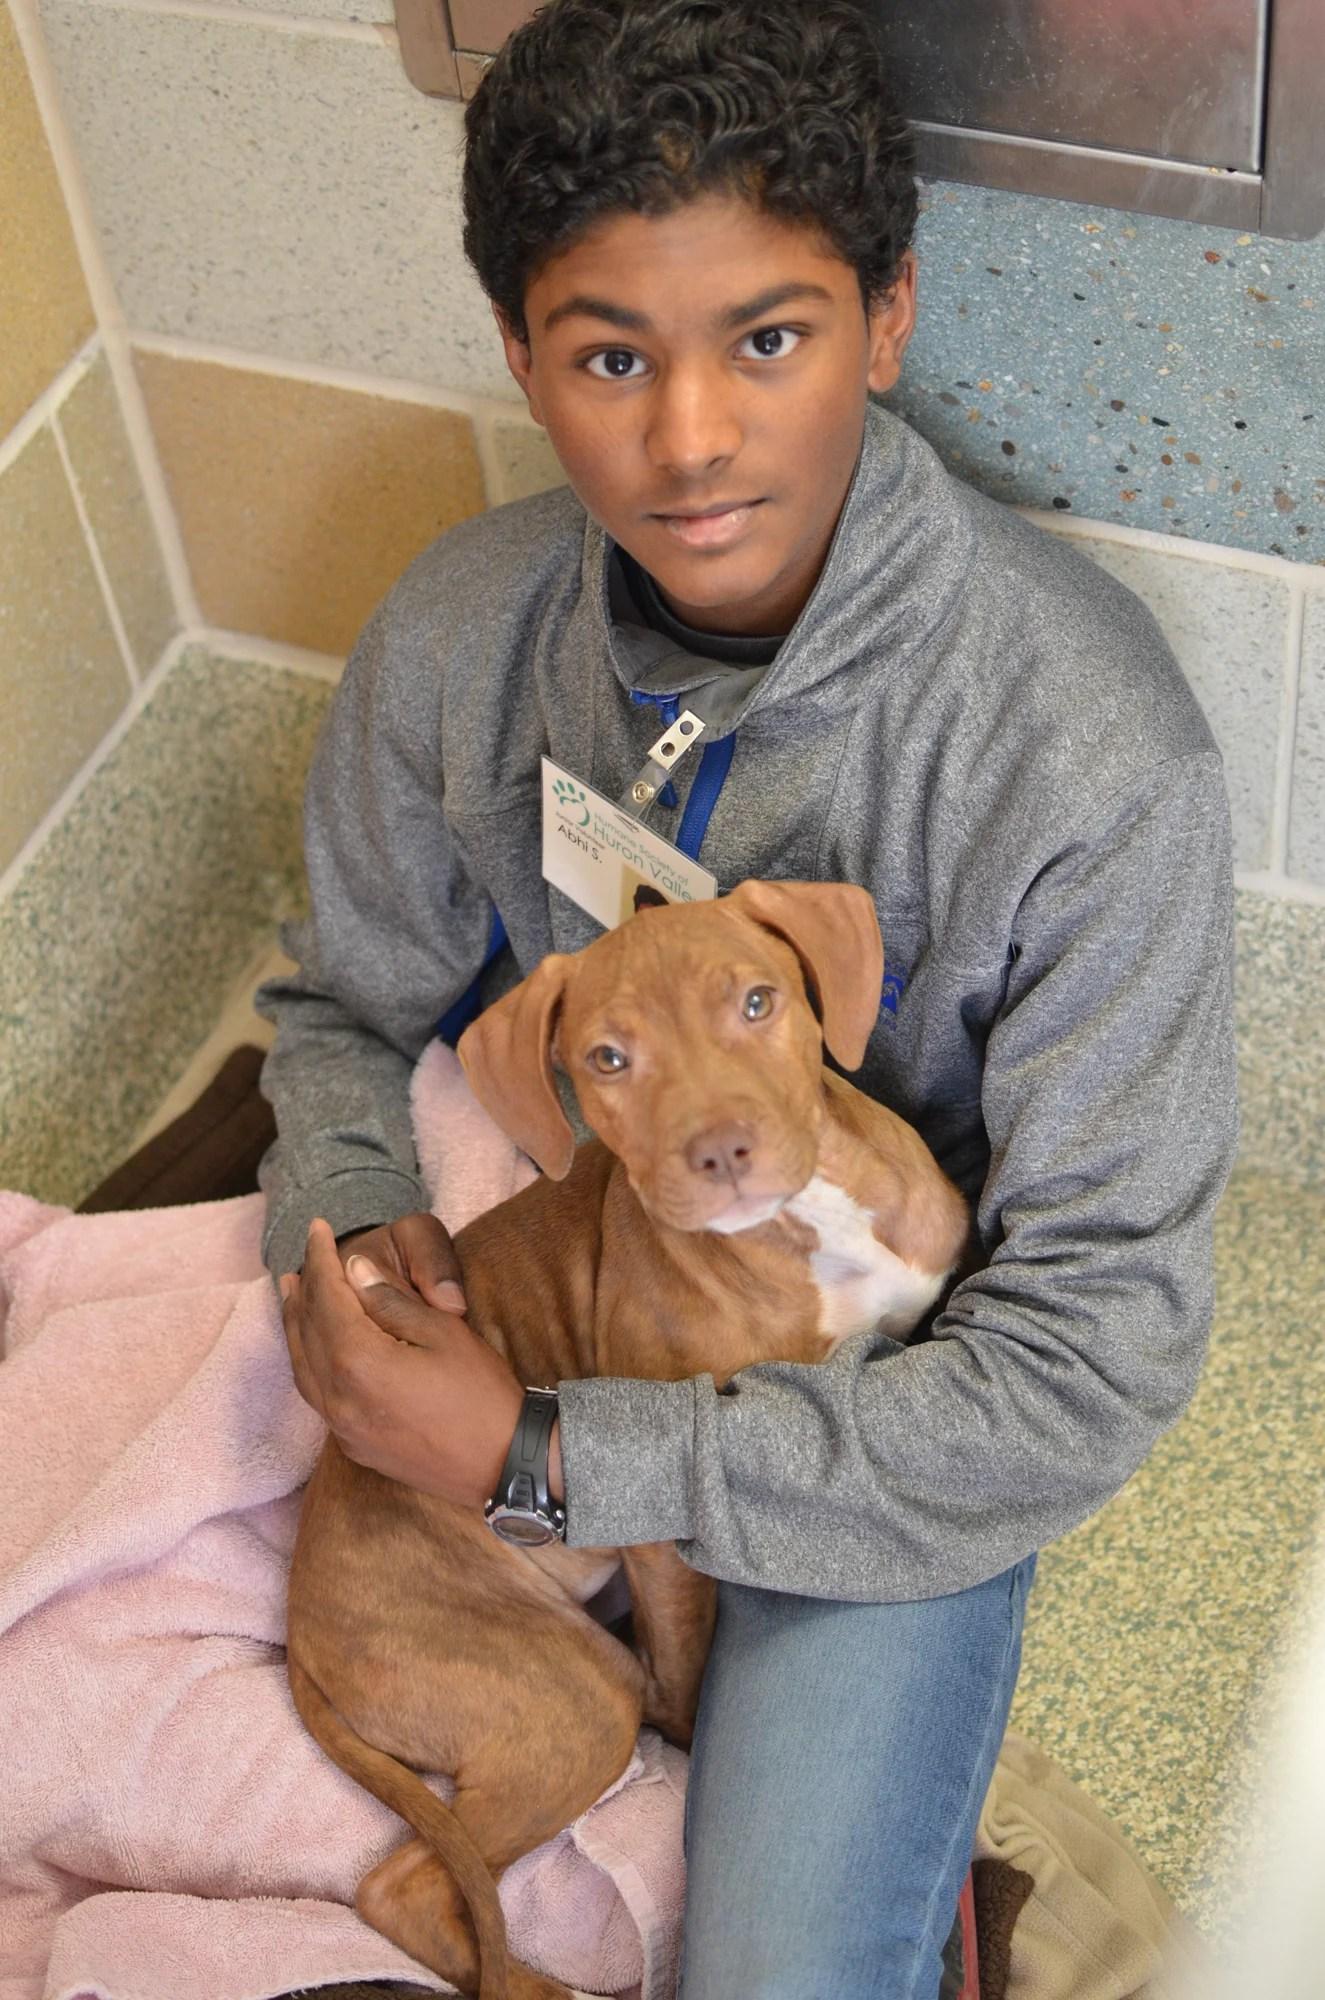 Junior volunteer with a puppy